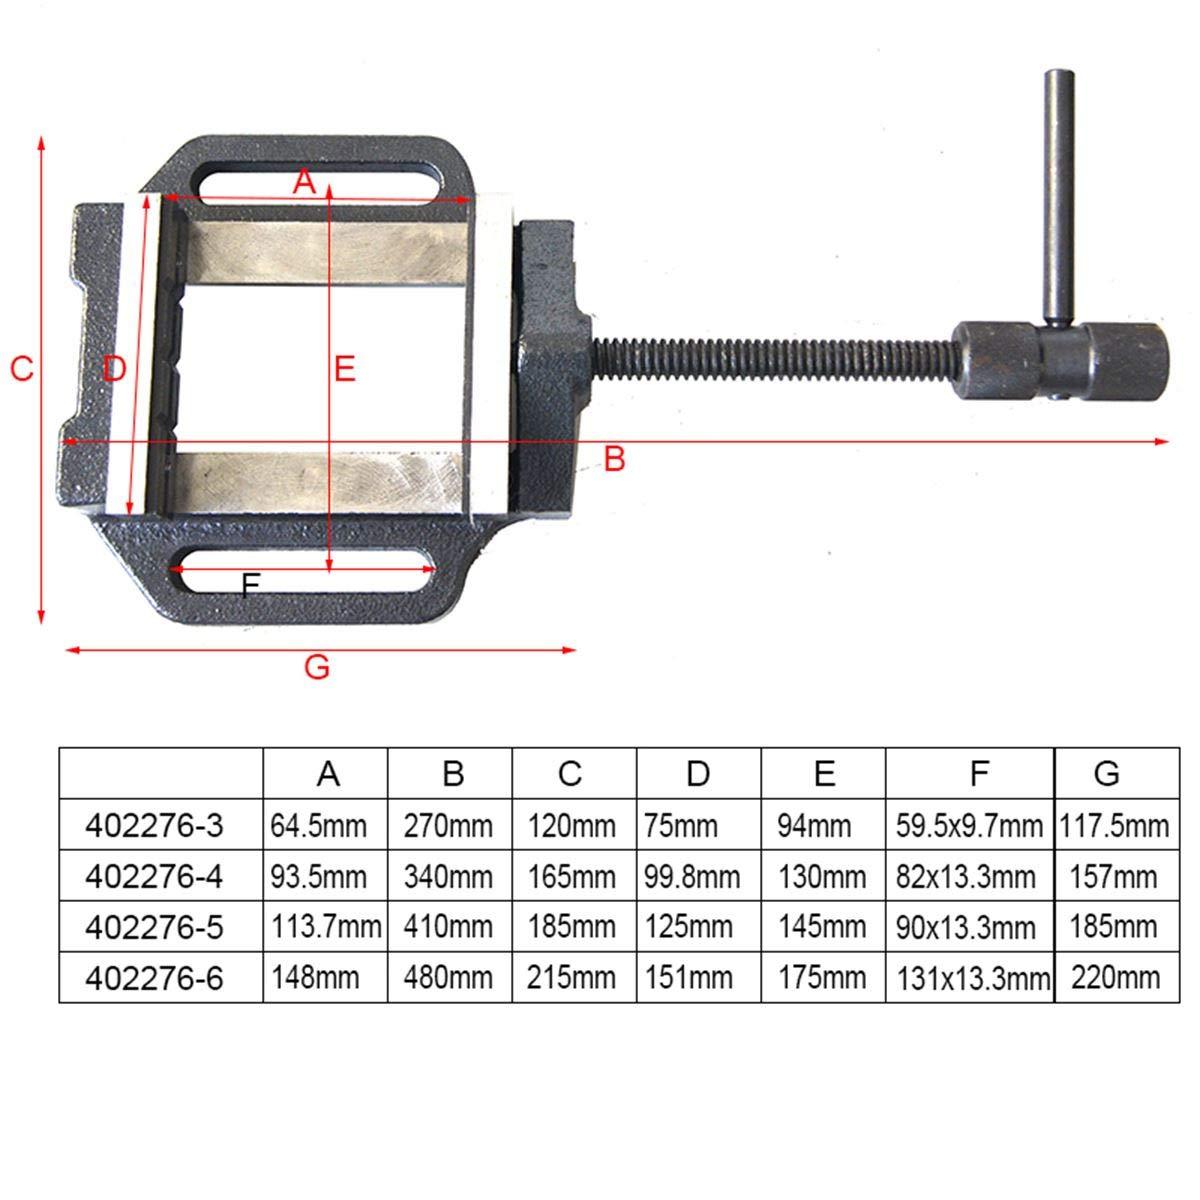 KATSU Precision Press Drill Vice Type allemand 6